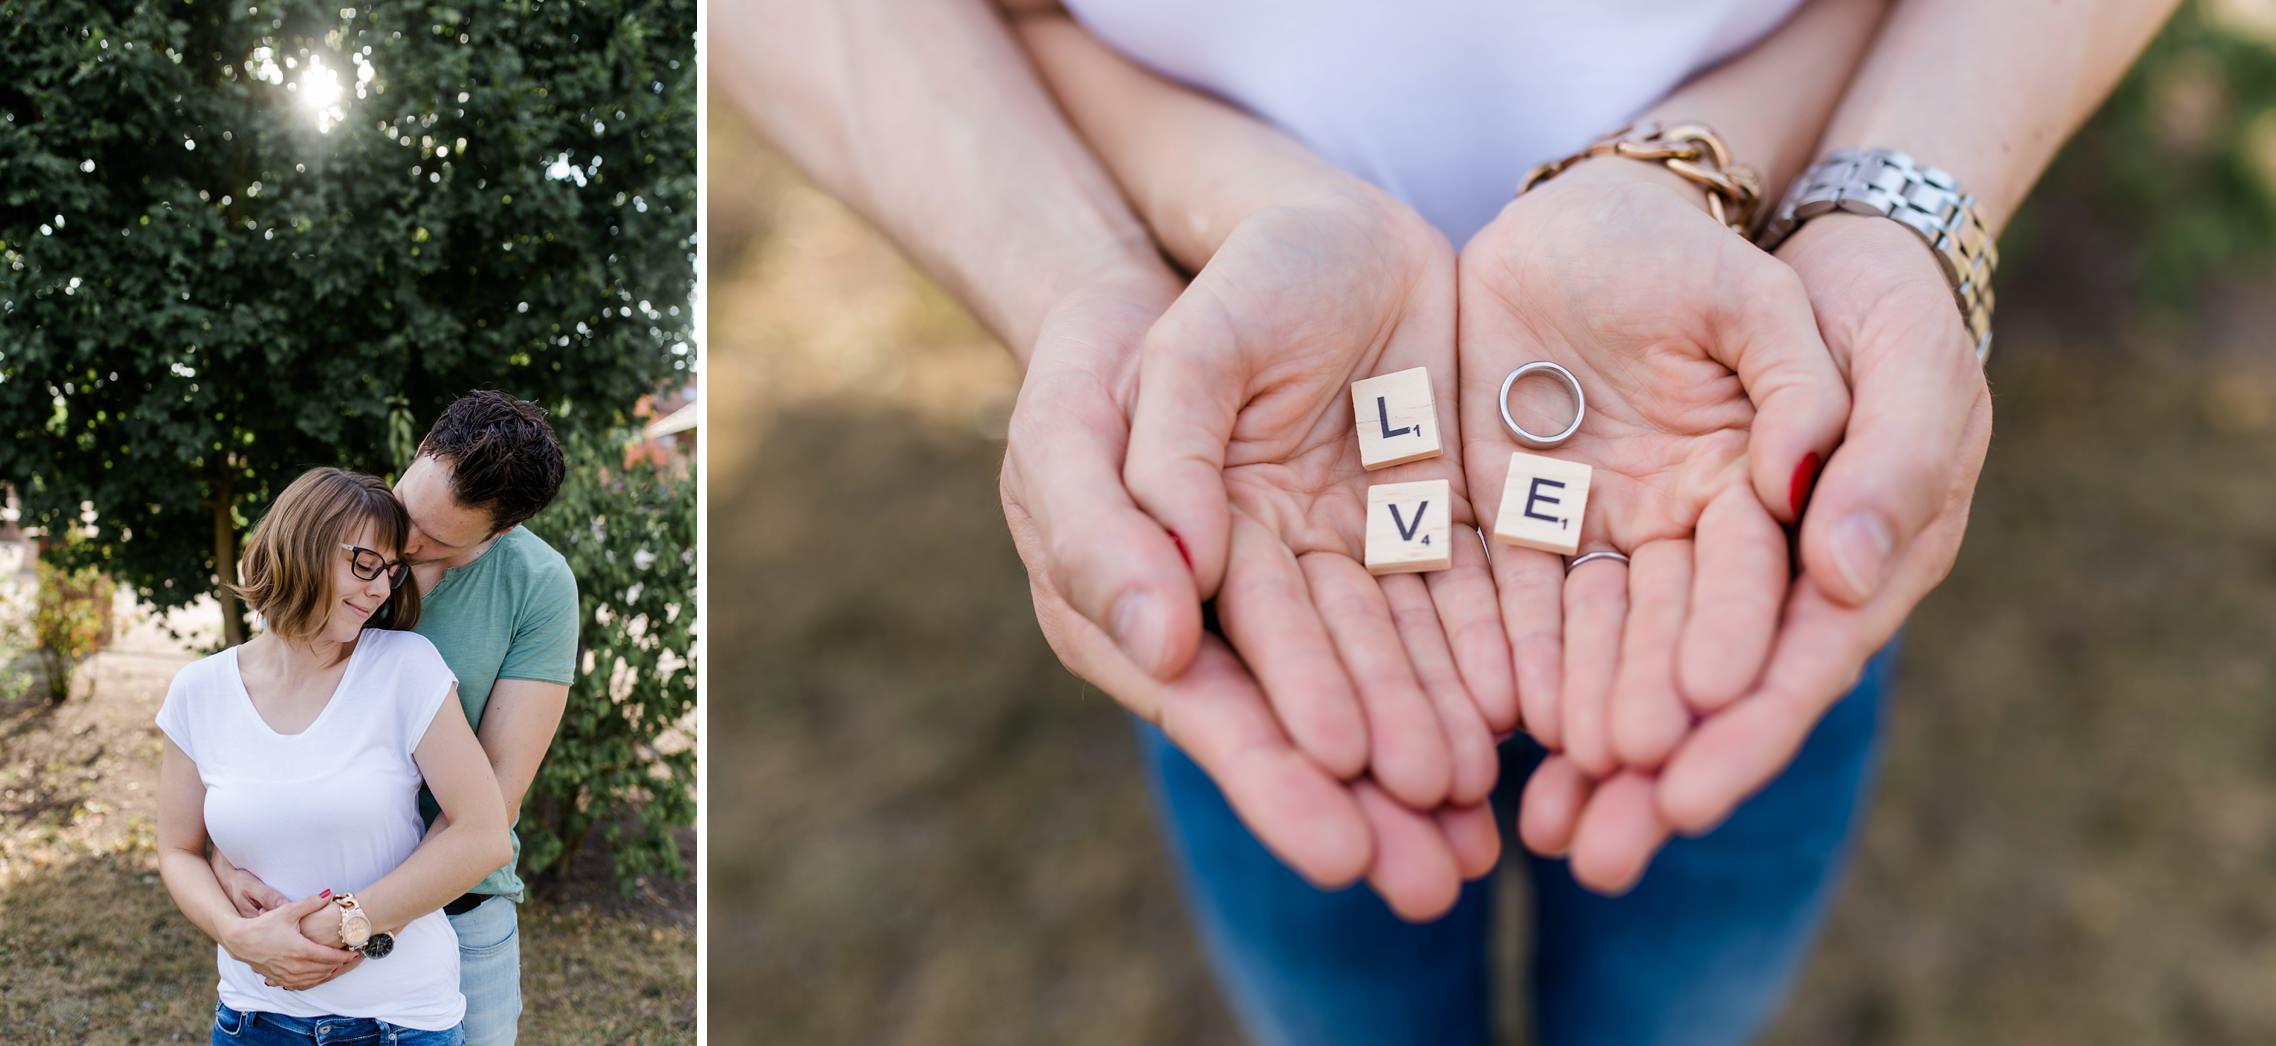 """Romantische Pärchenfotos im Gegenlicht mit Scrabble-Buchstaben, welche """"Love"""" bilden"""